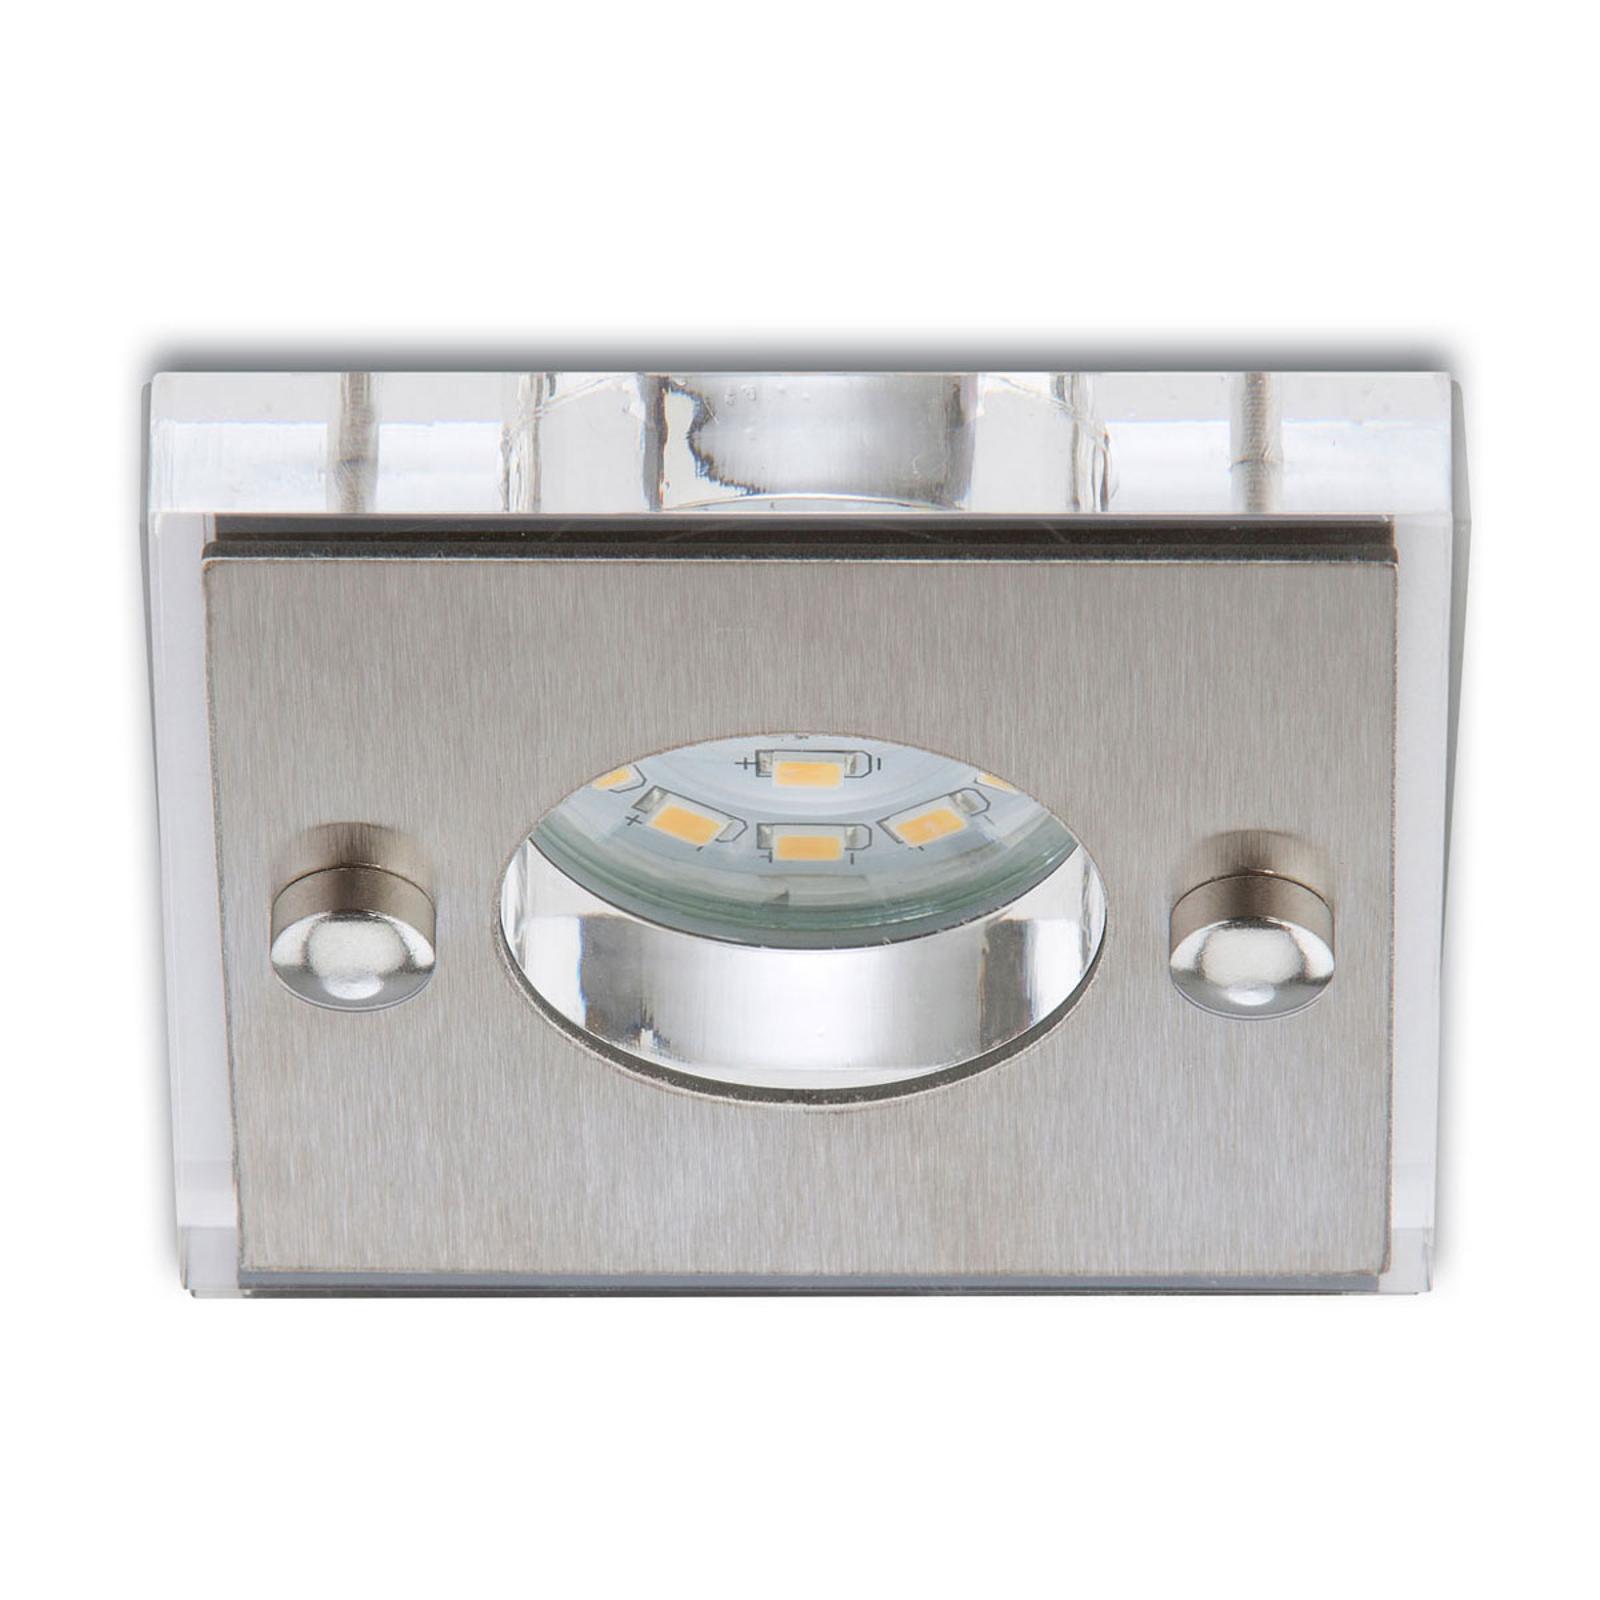 LED podhledové svítidlo Nikas obdlélník, hliník